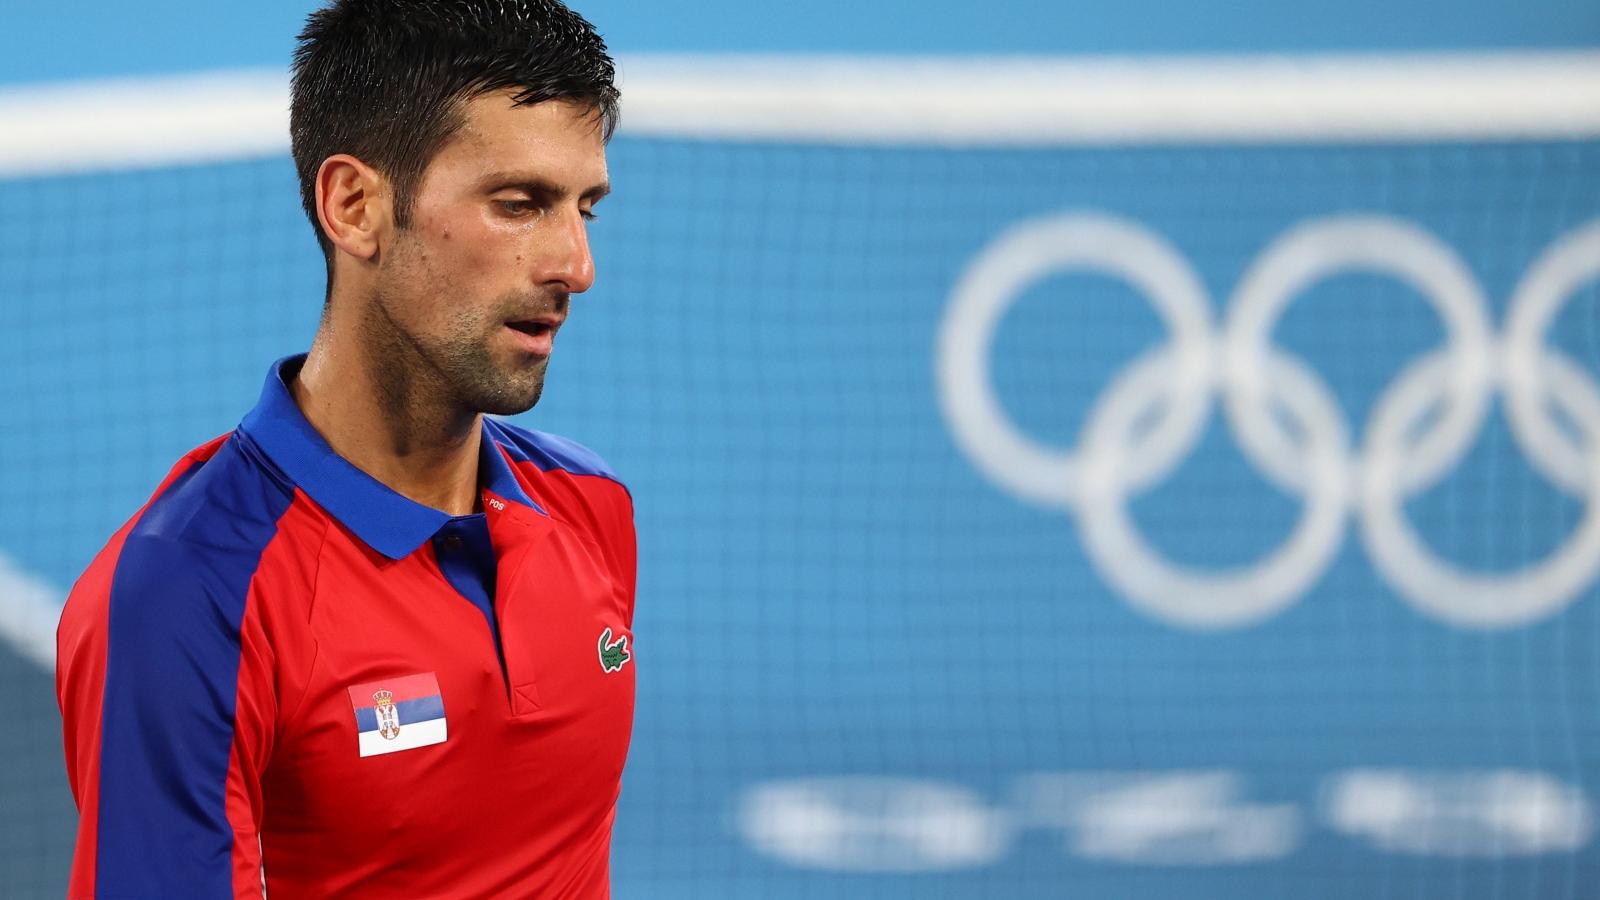 Thua ngược Zverev, Djokovic lỡ hẹn HCV đơn nam Olympic Tokyo 2020